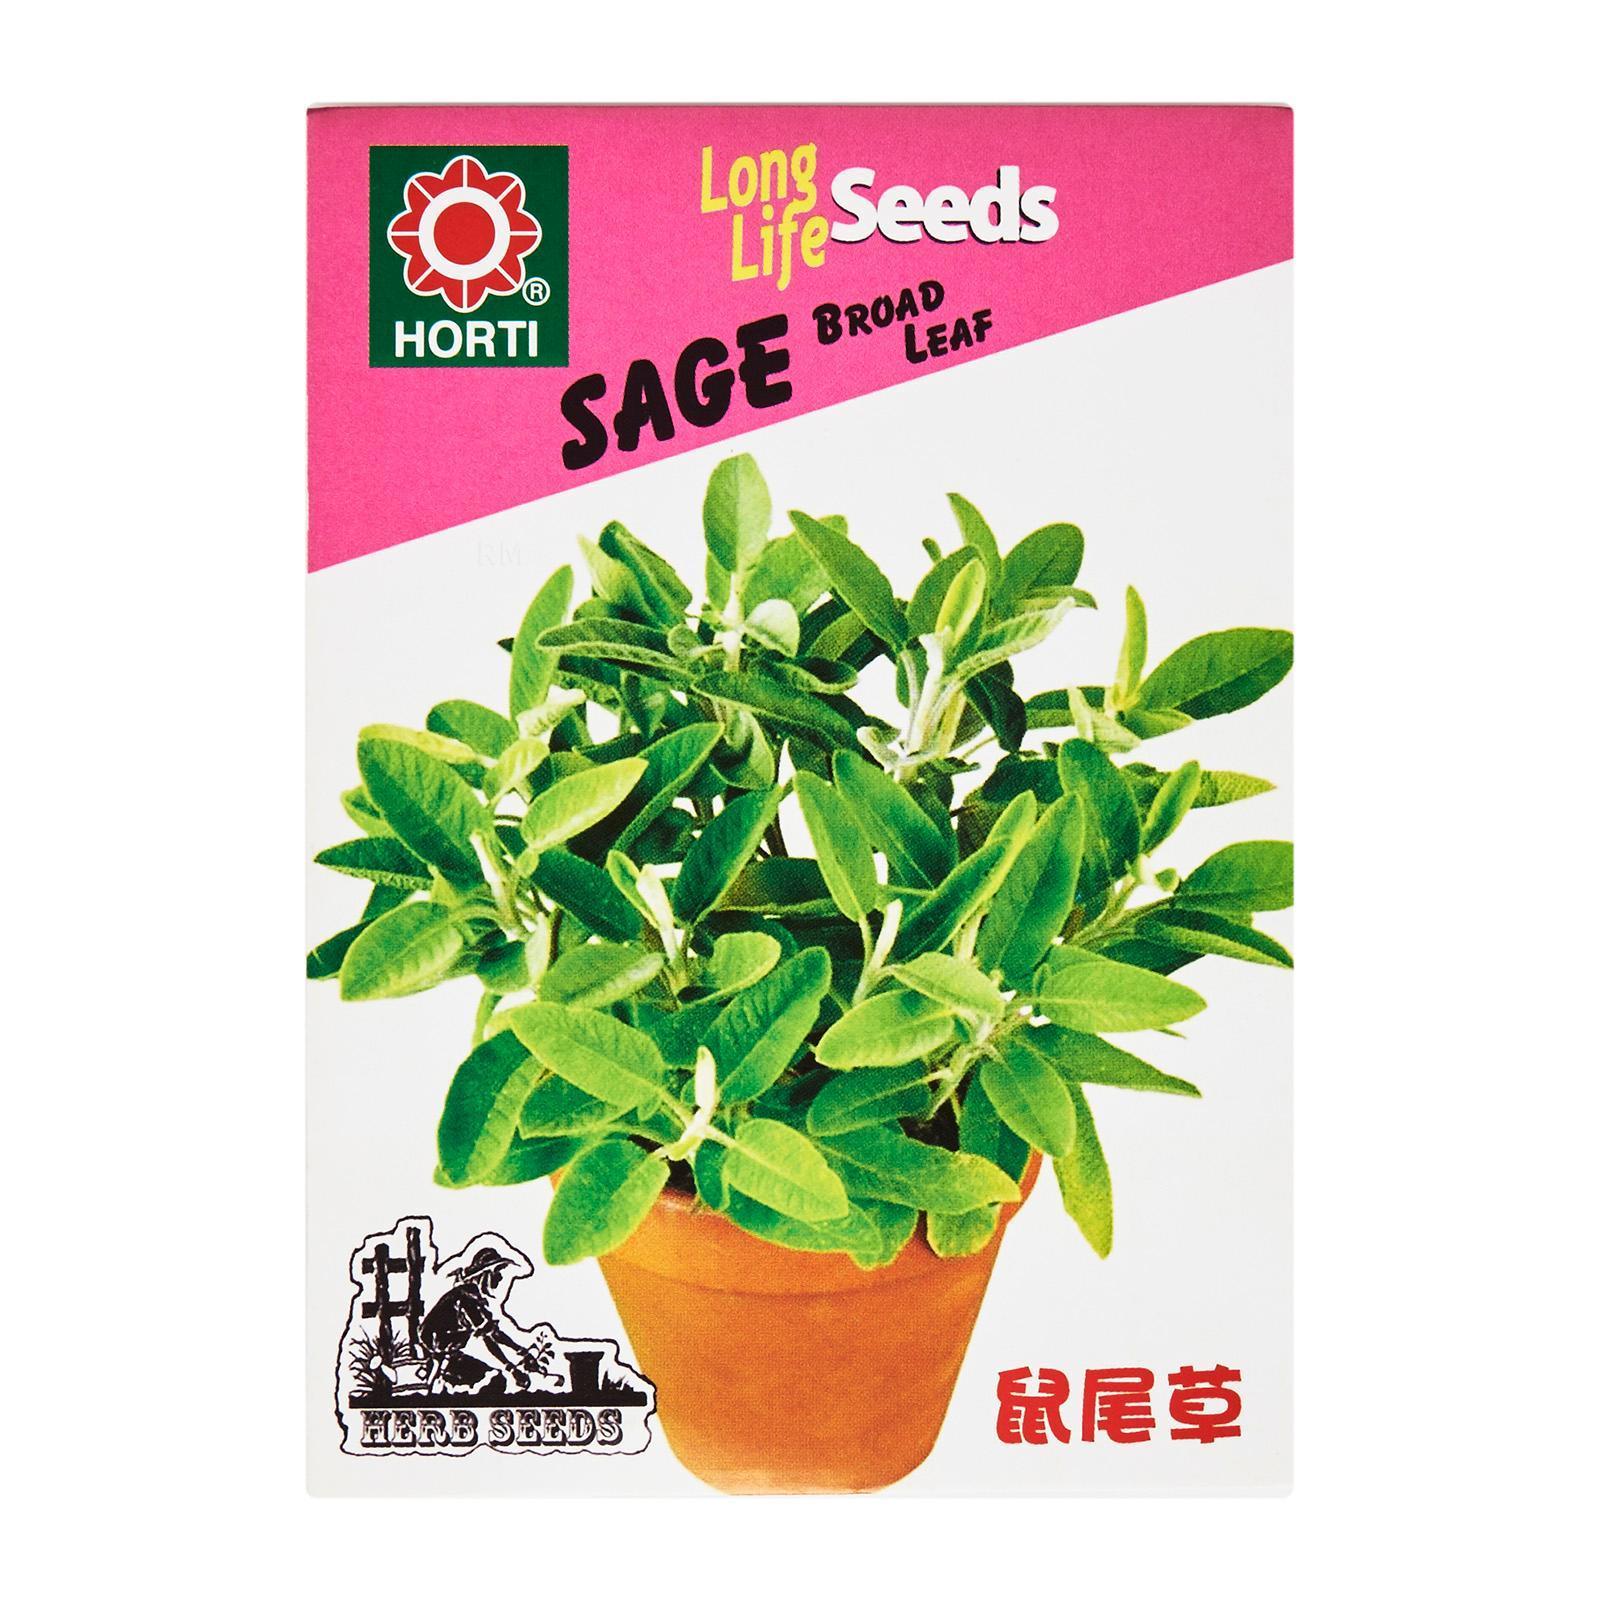 Horti Sage Seeds